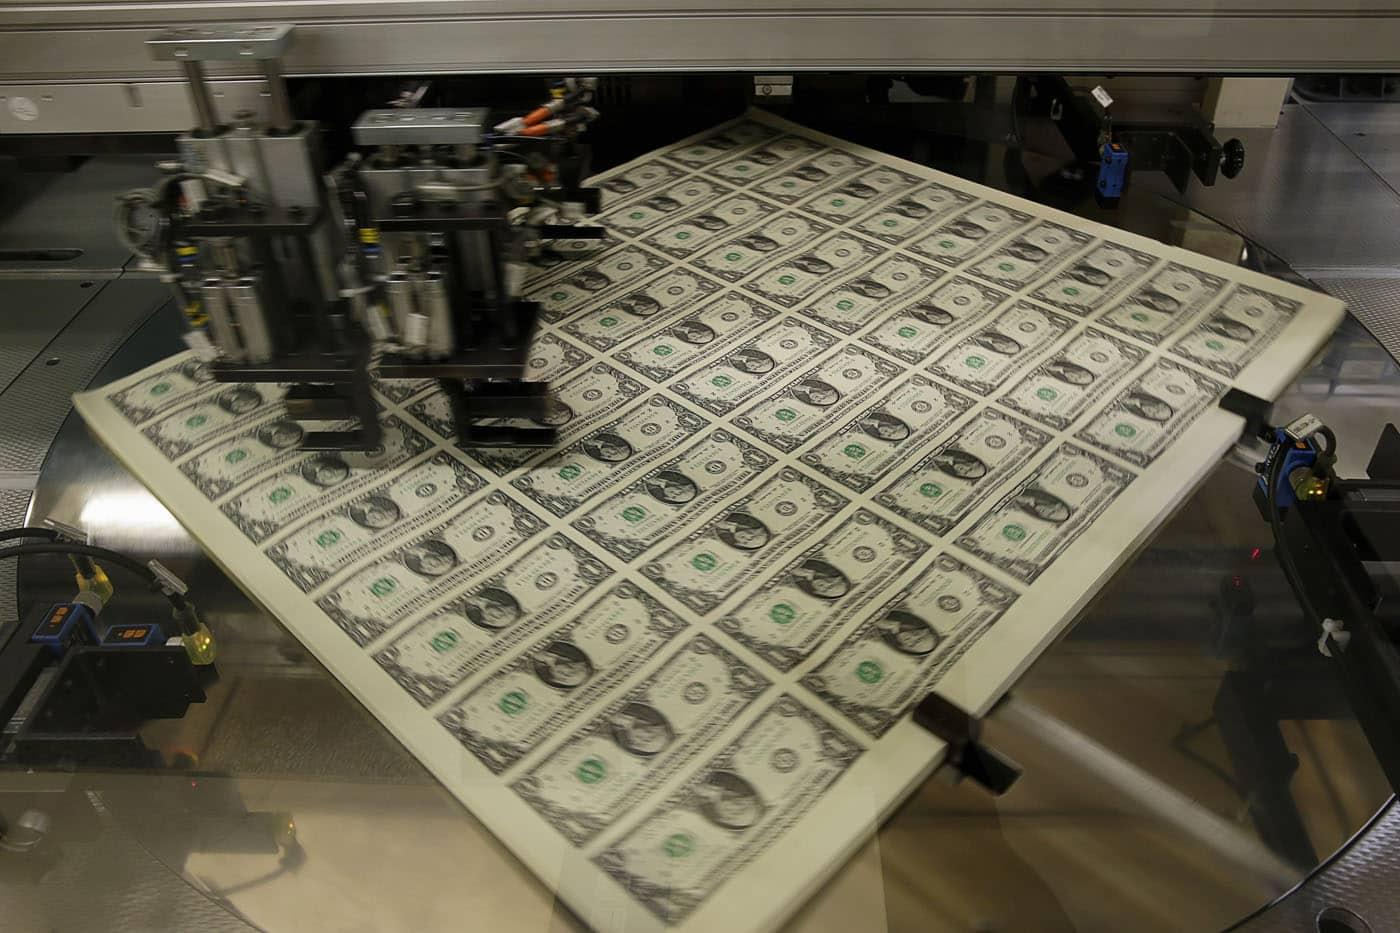 المشكلة في طباعة النقود للقضاء على الديون والفقر